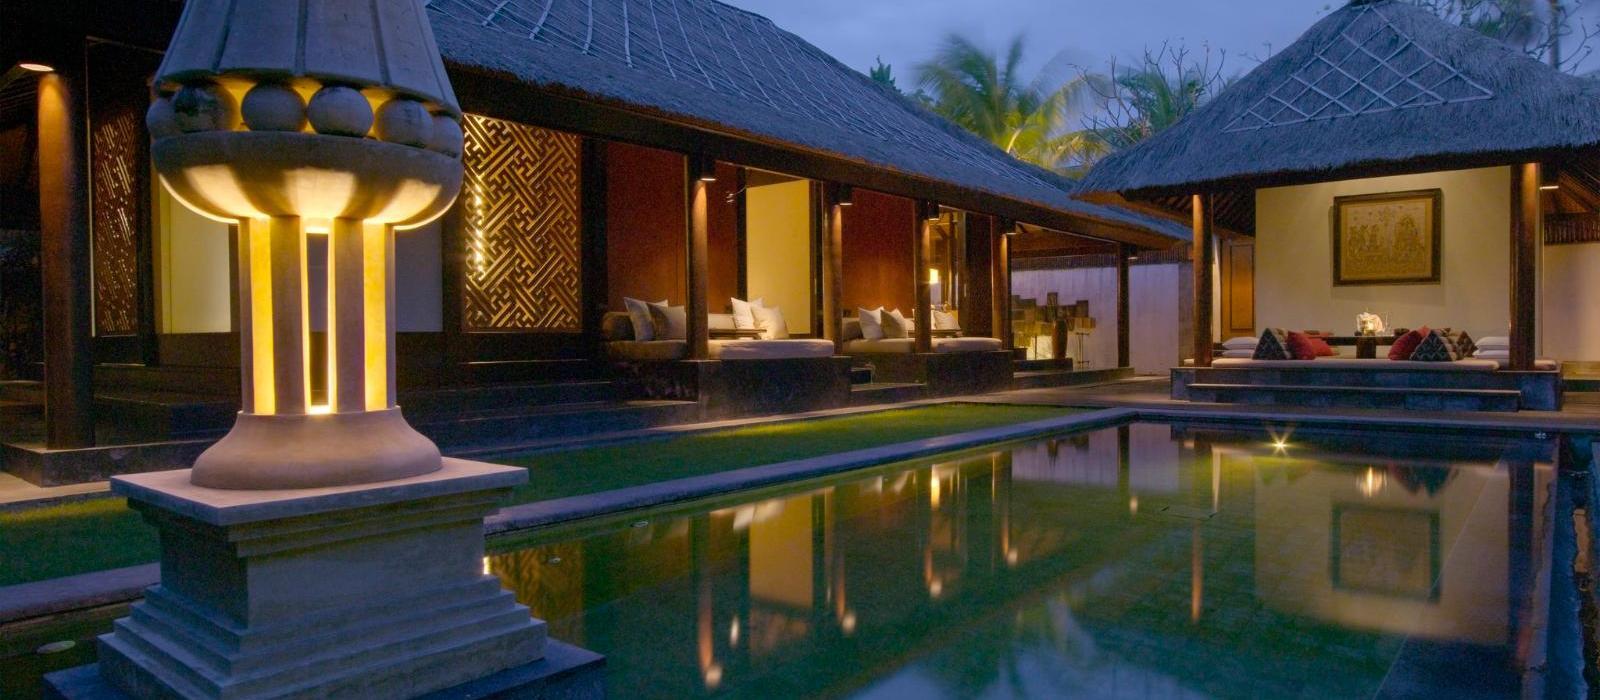 巴厘島水明漾樂吉安度假酒店(The Legian Seminyak, Bali) 圖片  www.yisecj.live